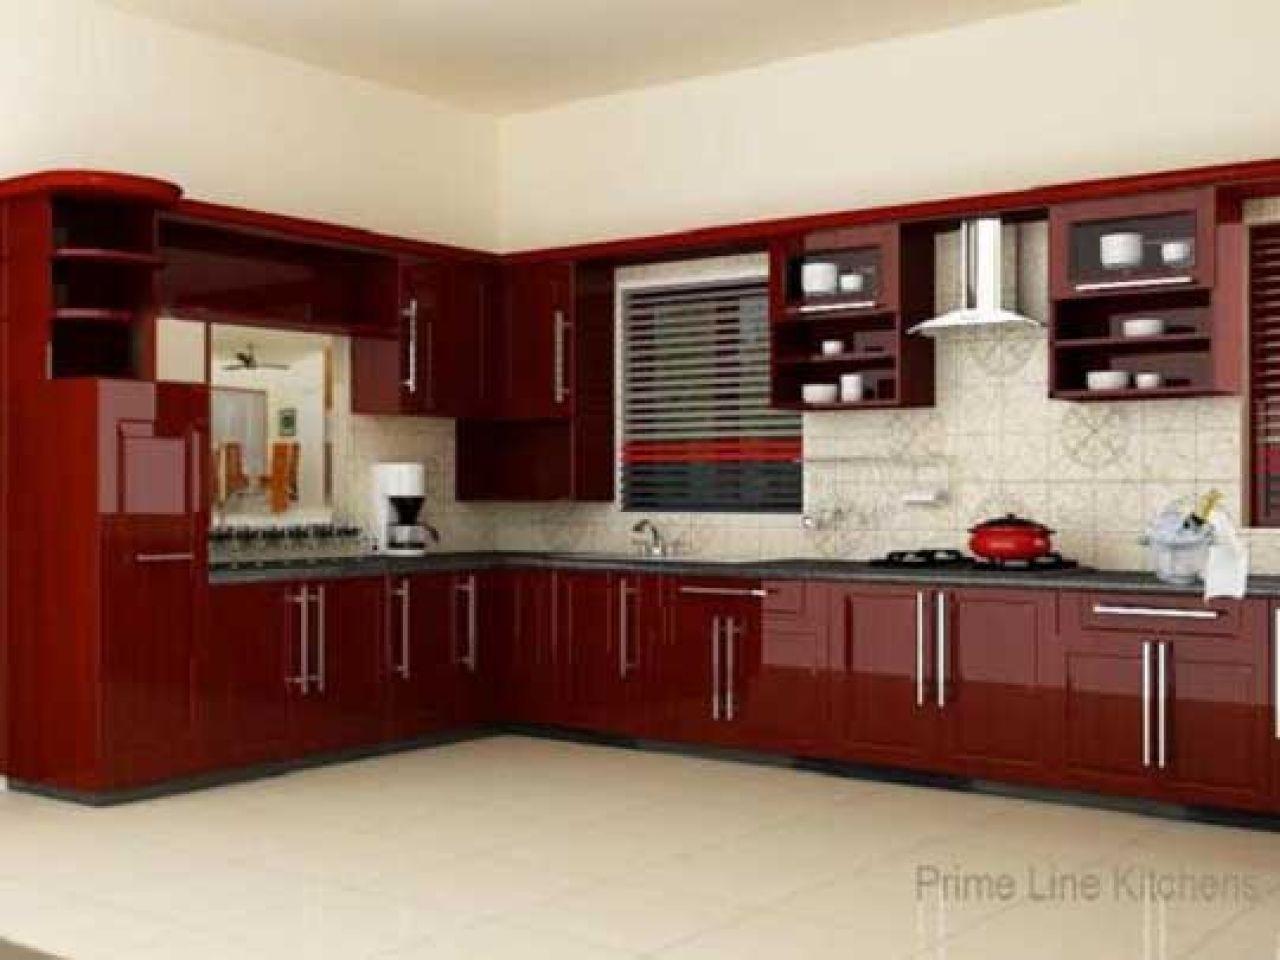 New Model Kitchen Design Kerala Conexaowebmix Com